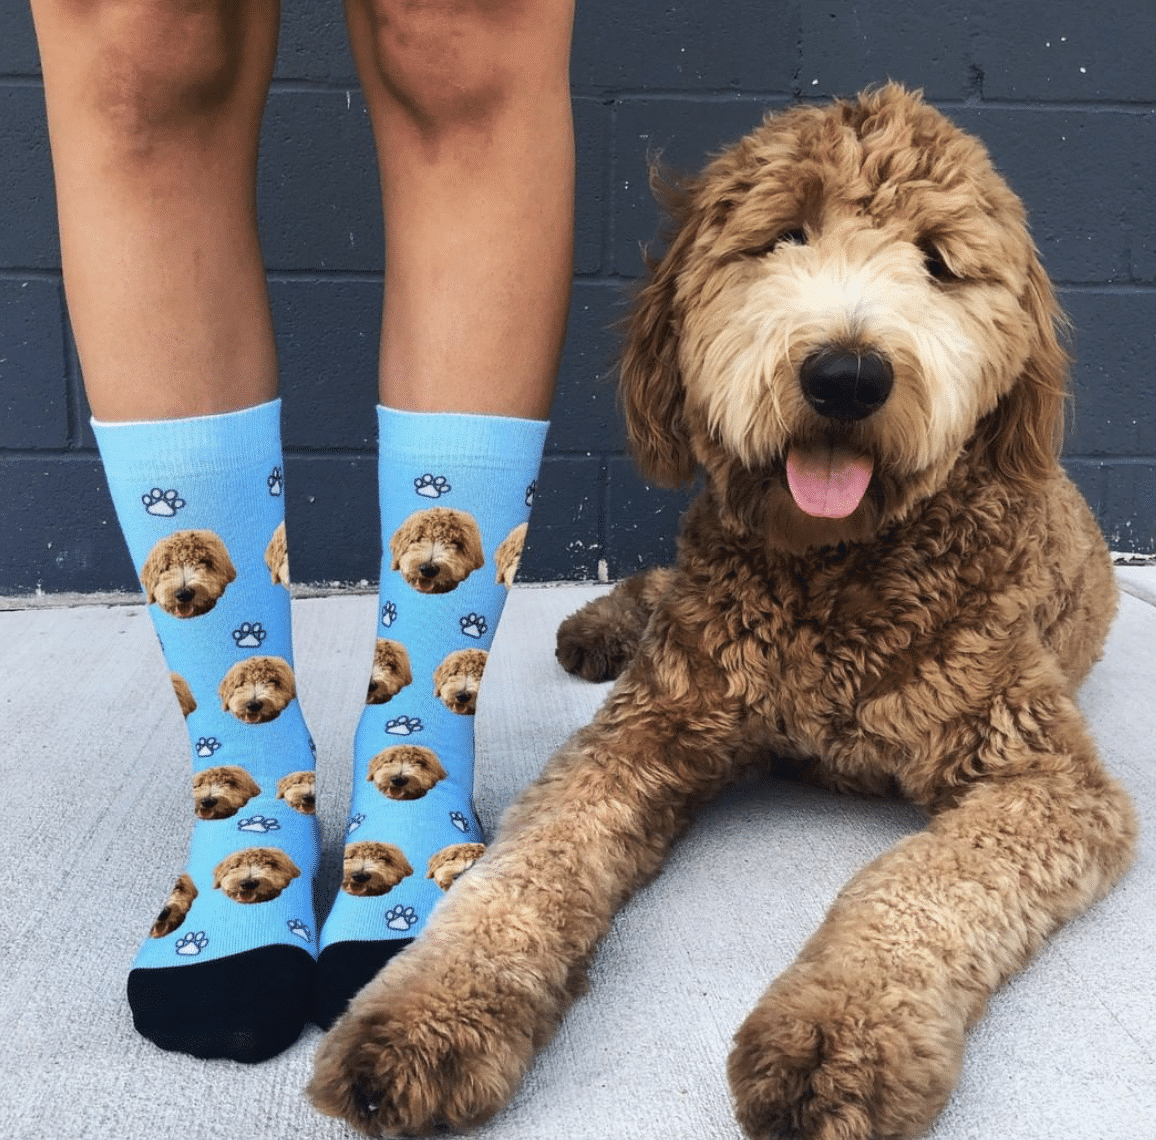 Goldendoodle - Standard Poodle